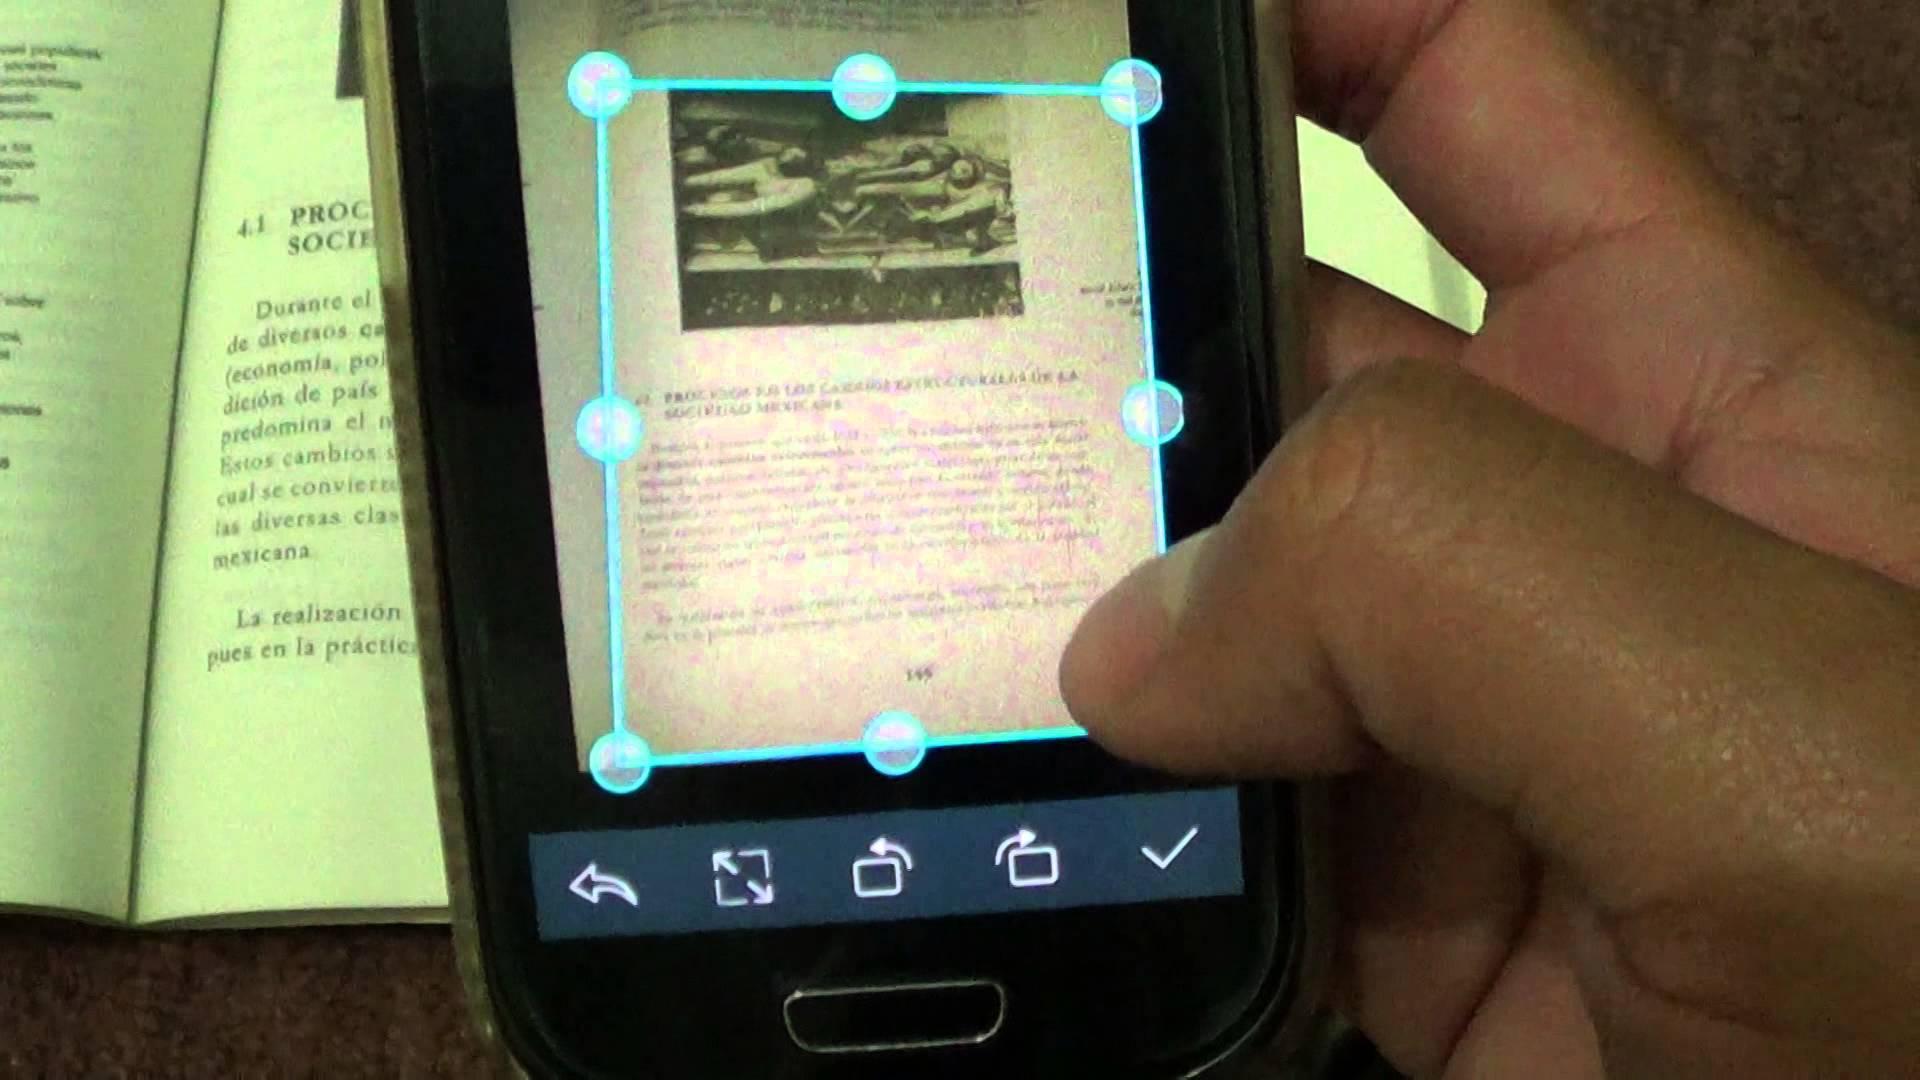 Come convertire un'immagine in testo sul cellulare? 1